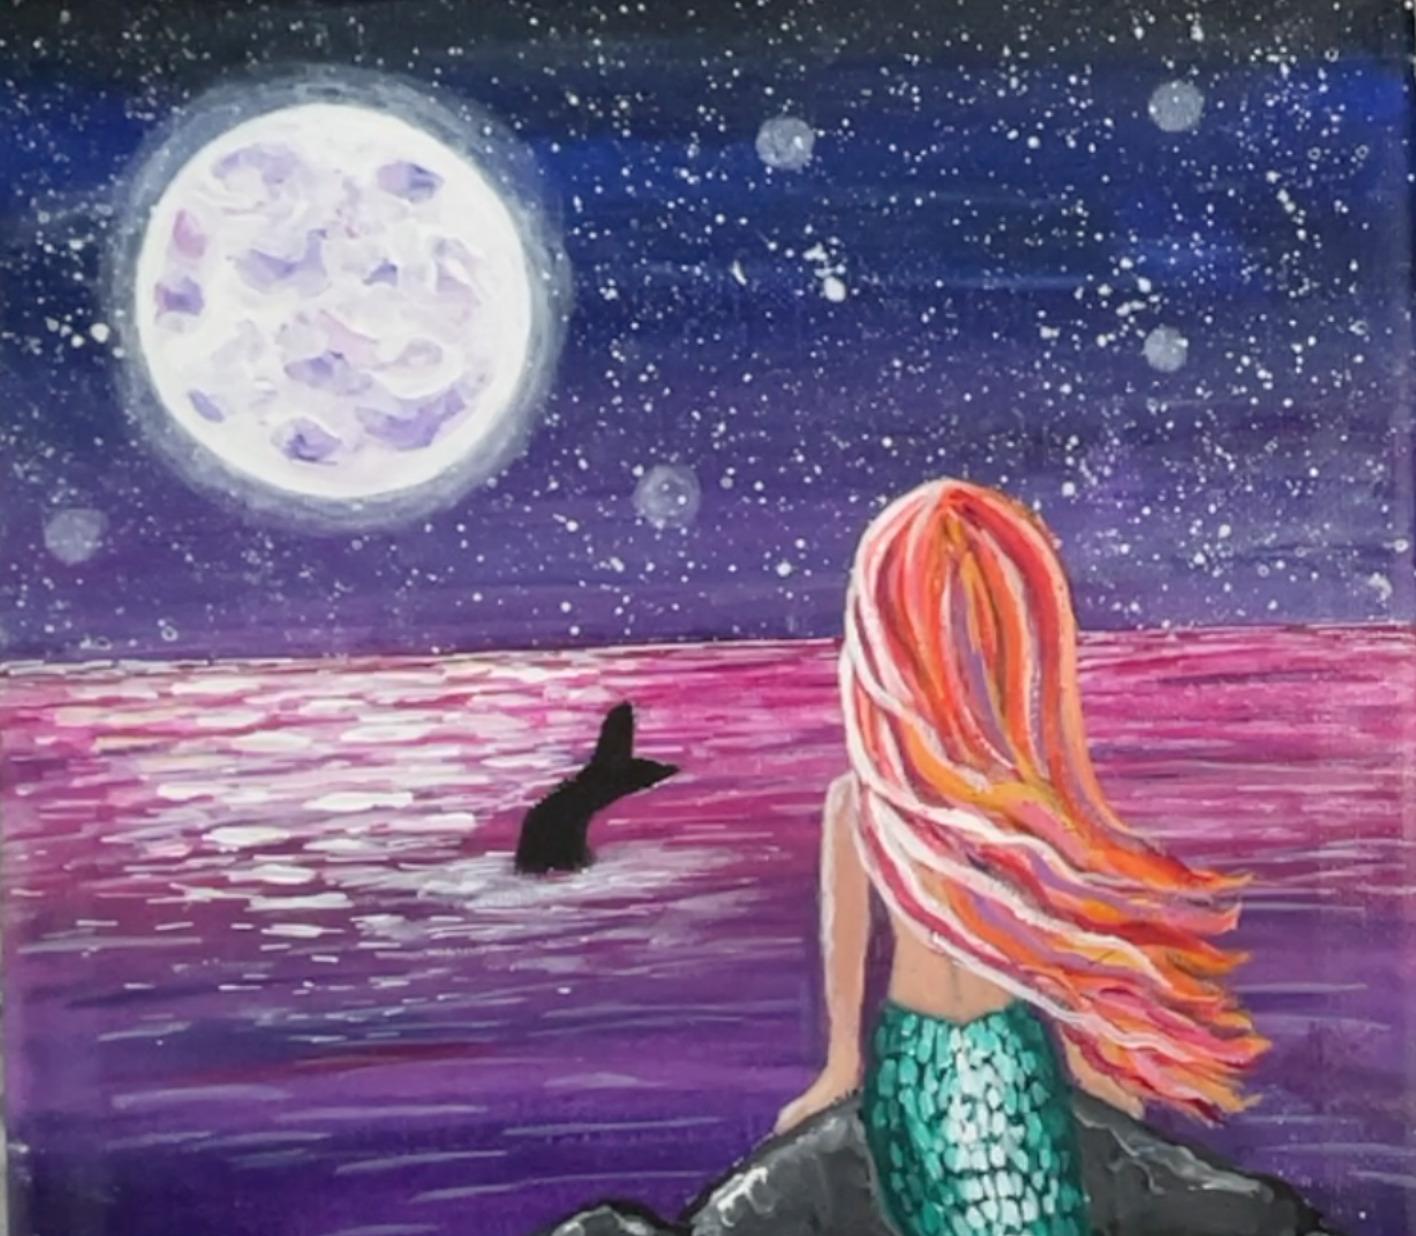 mermaid painting glowing moon